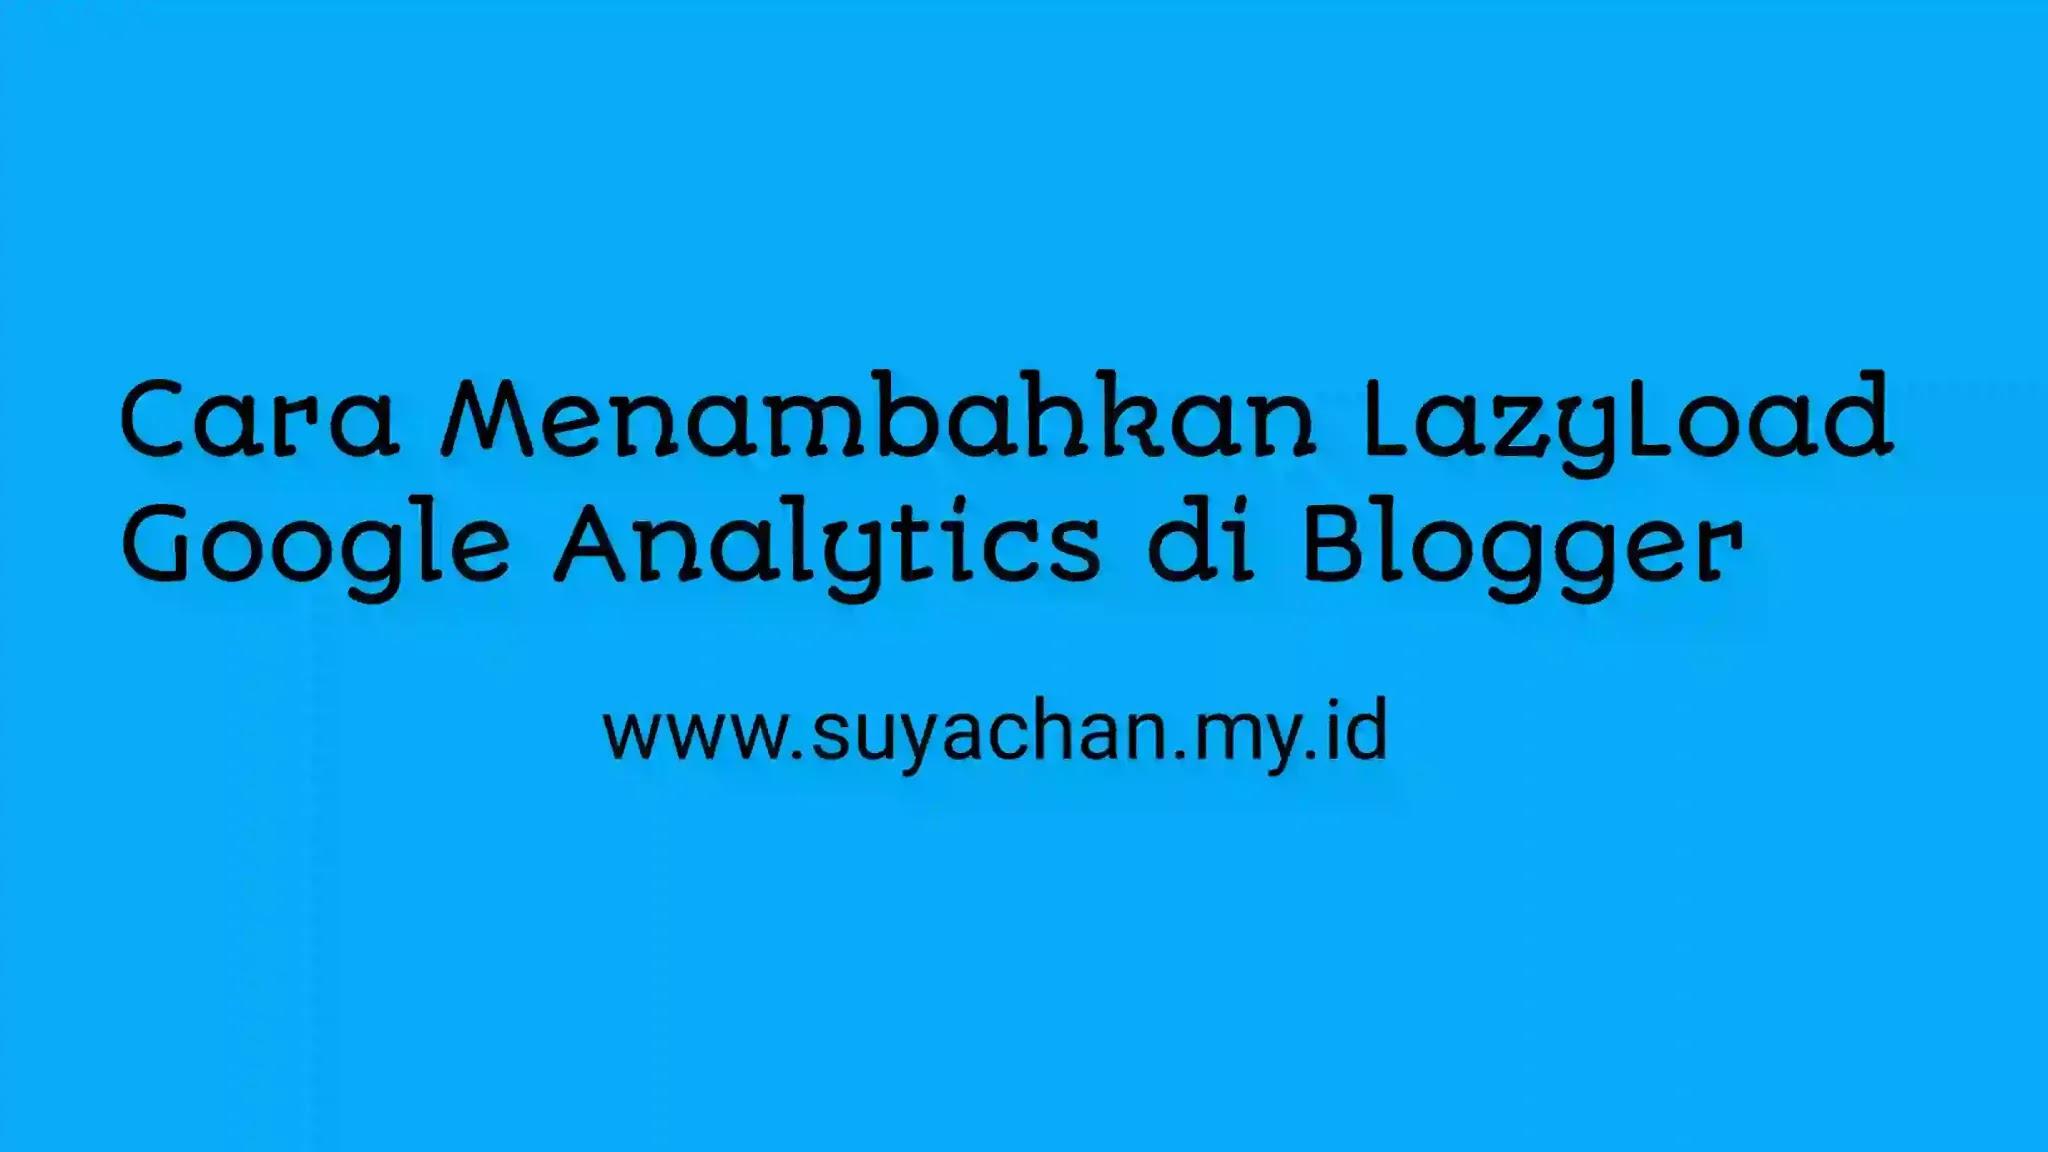 Cara Menambahkan LazyLoad Google Analytics di Blogger